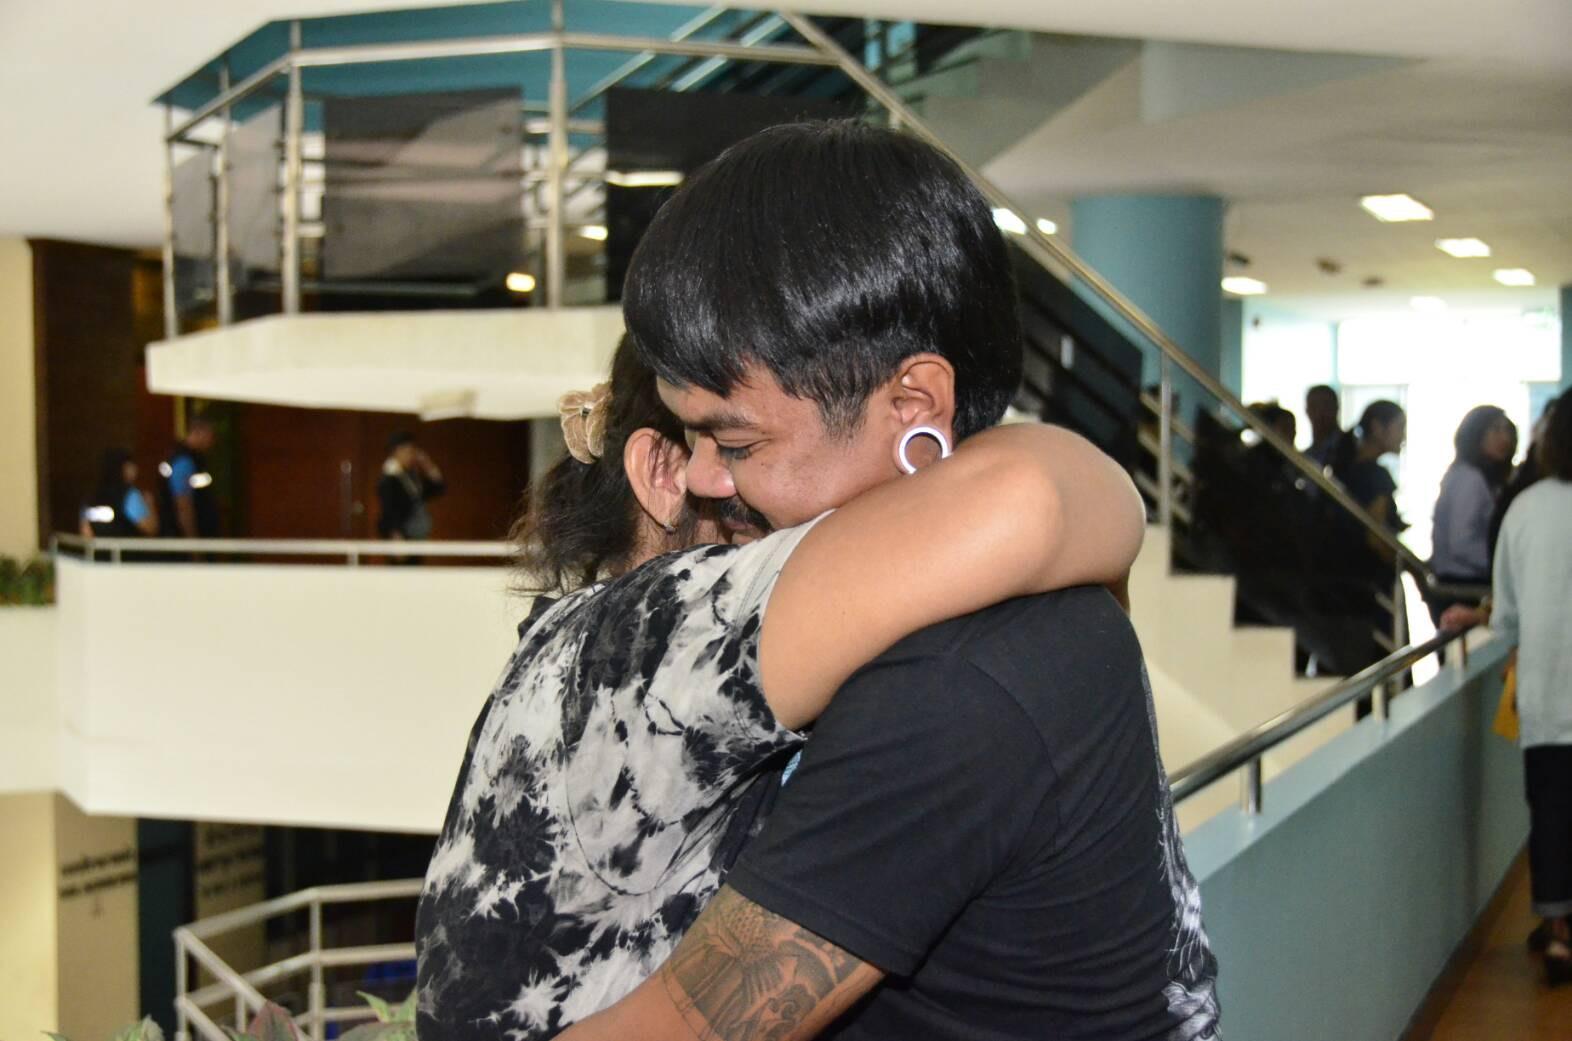 ลูกเรือประมงที่โซมาเลีย กลับถึงไทยแล้ว 18 คน พร้อมดูแลส่งกลับบ้านปลอดภัย